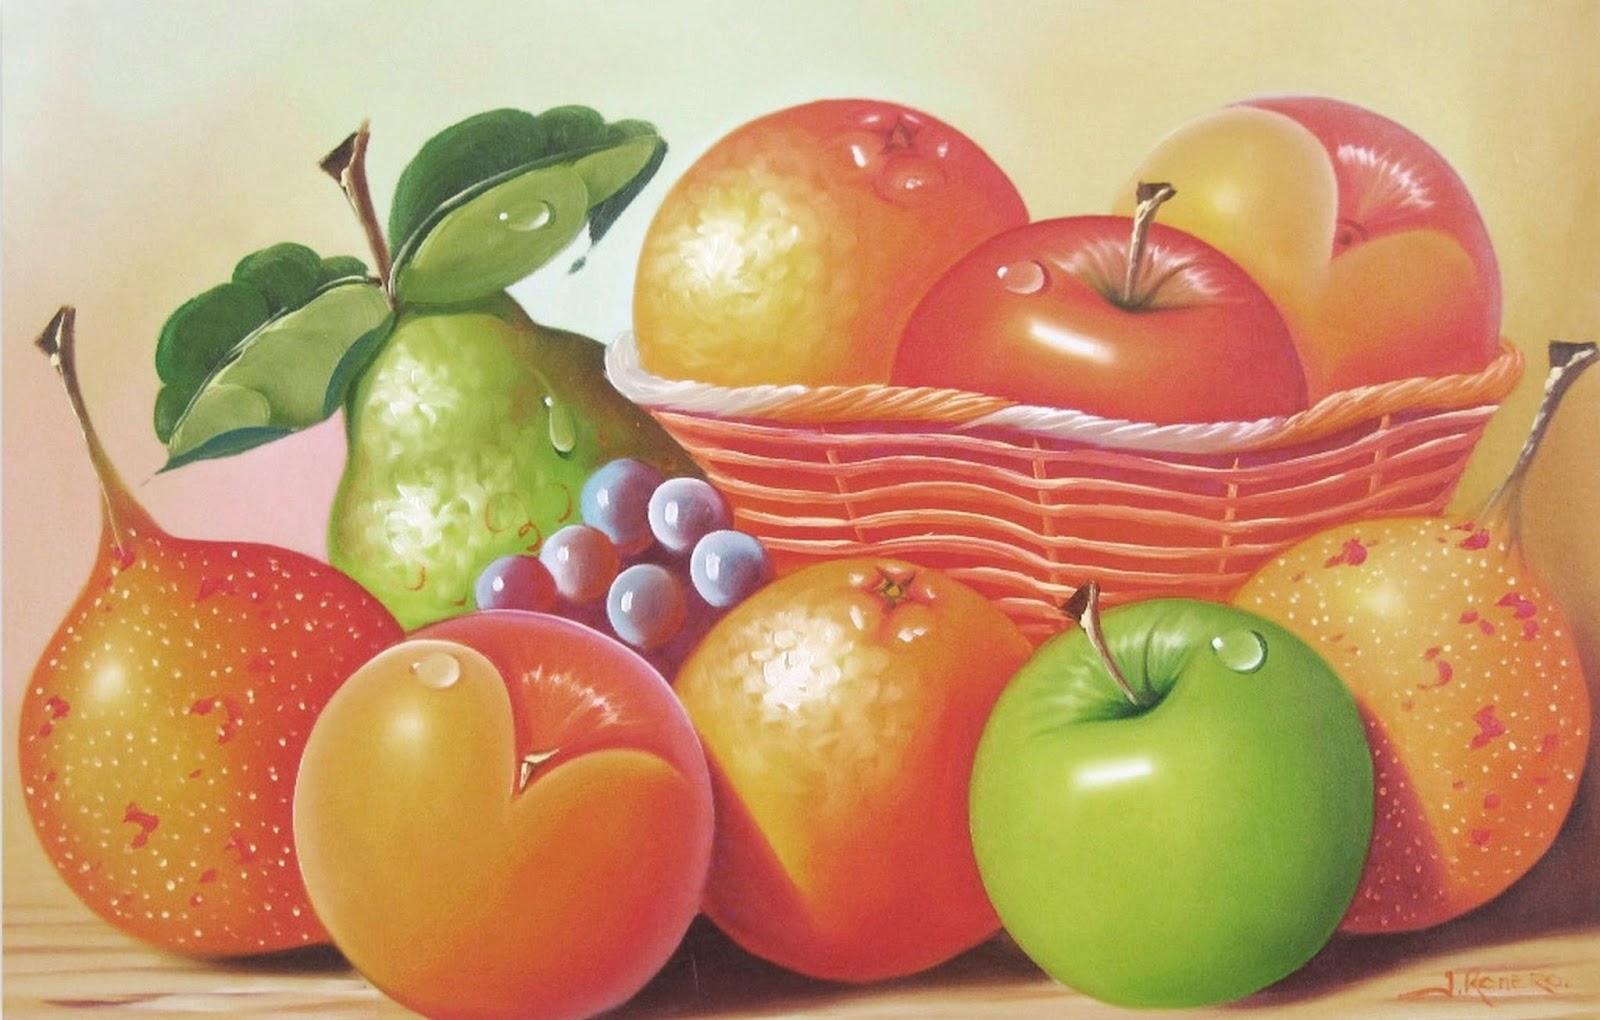 Cuadros de Bodegones Trípticos | Pintura y Fotografía Artística